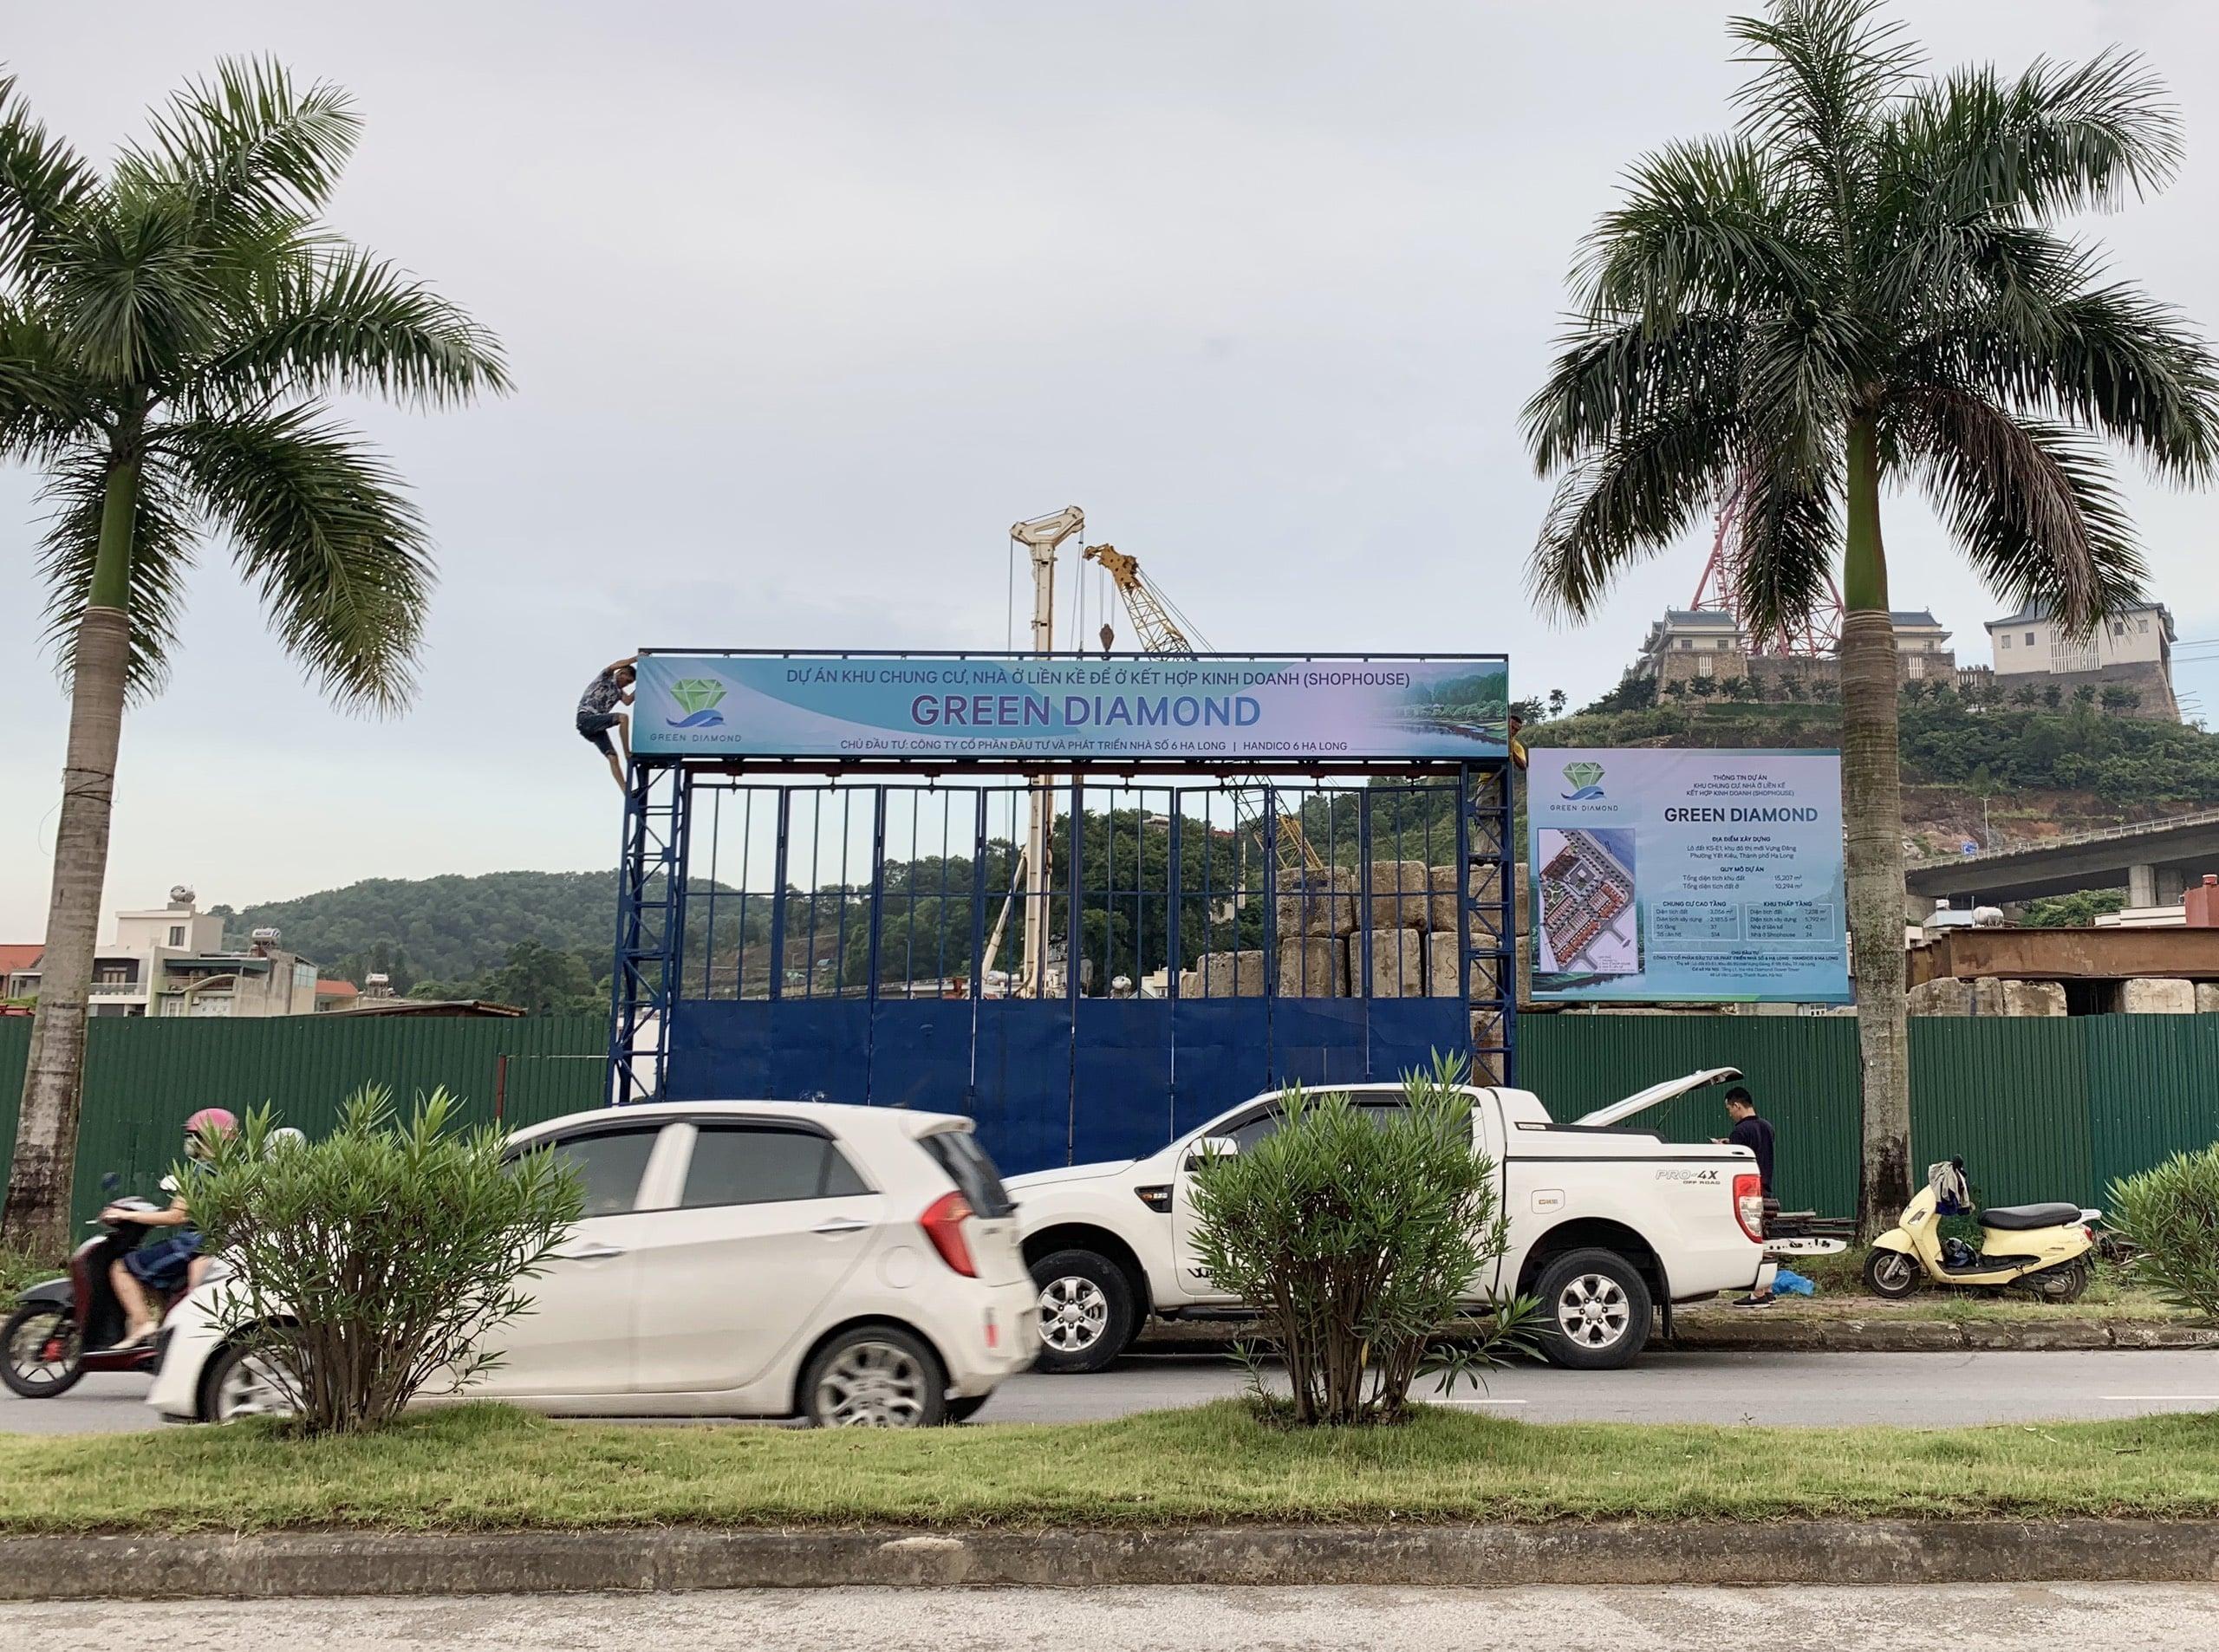 Cổng chính dự án Green Diamond Hạ Long nằm ngay trên đường bao biển Trần Thái Tông - Thành phố Hạ Long.